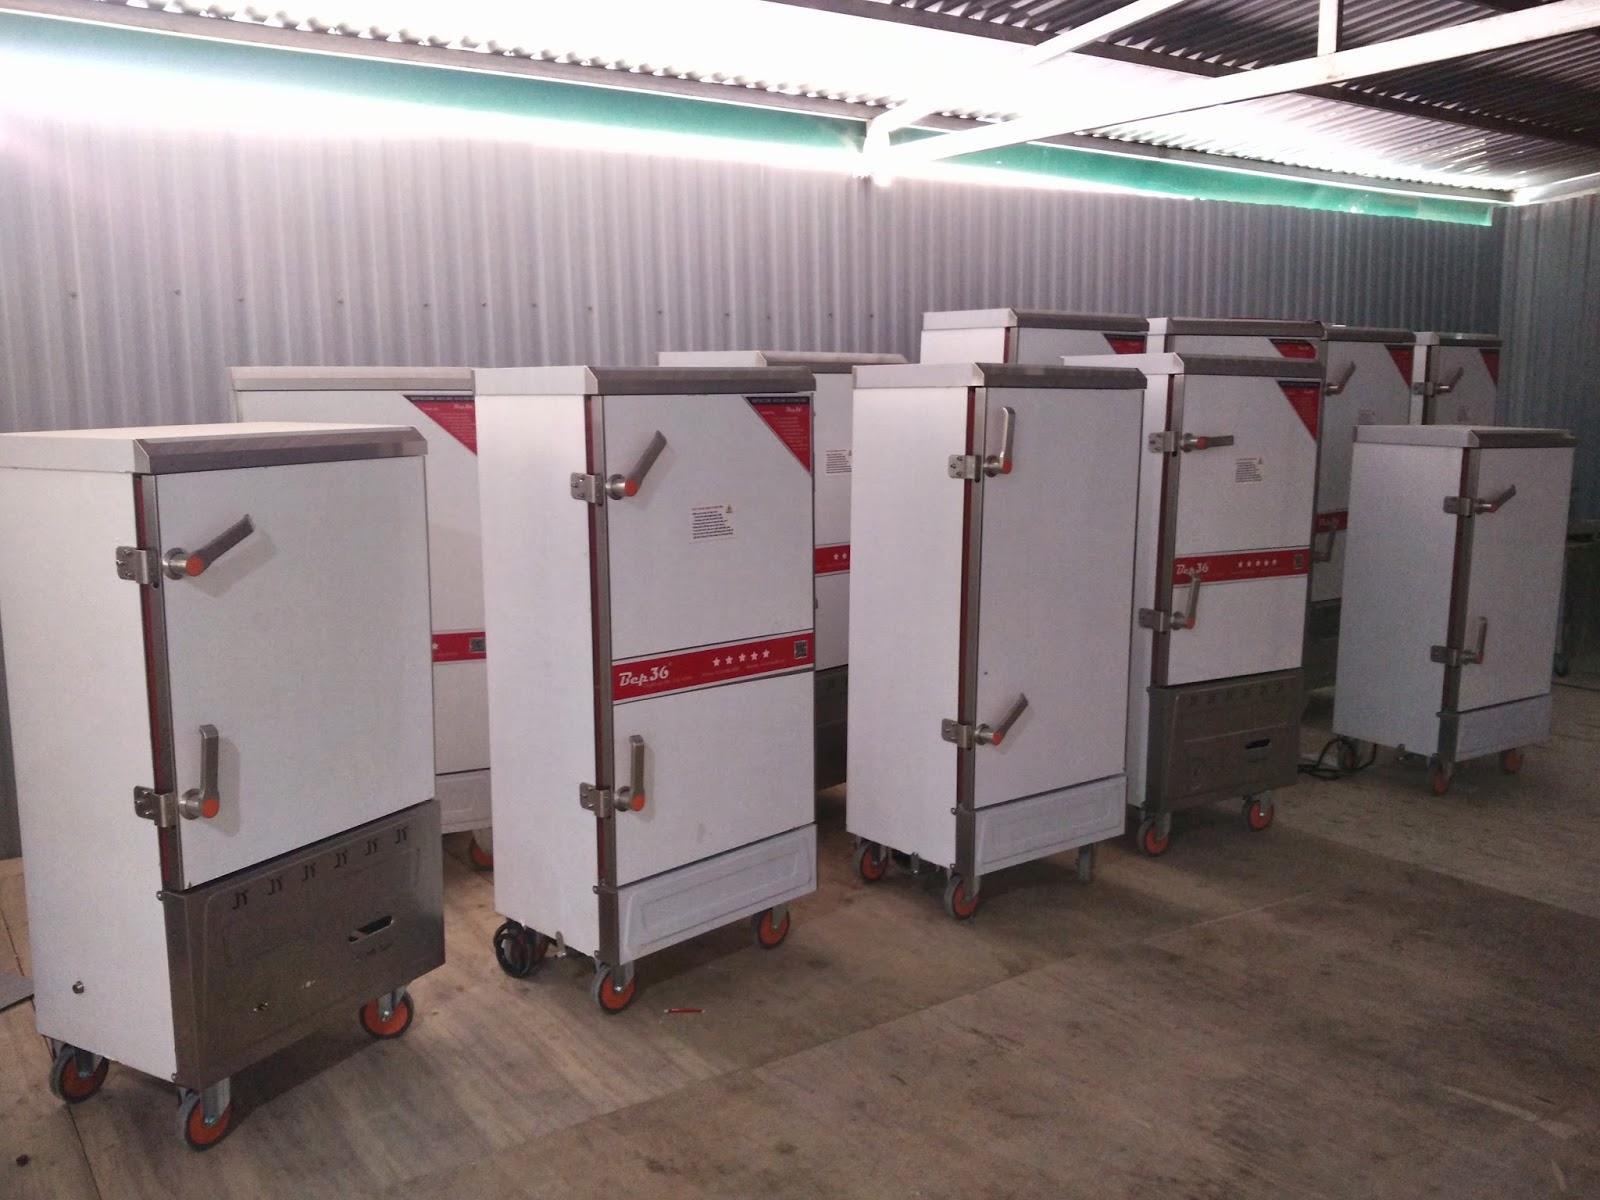 Tủ nấu cơm công nghiệp tại Hải phòng - Thiết bị bếp công nghiệp 0913040613 | đồ cũ hoàng quỳnh | docuhaiphong.vn